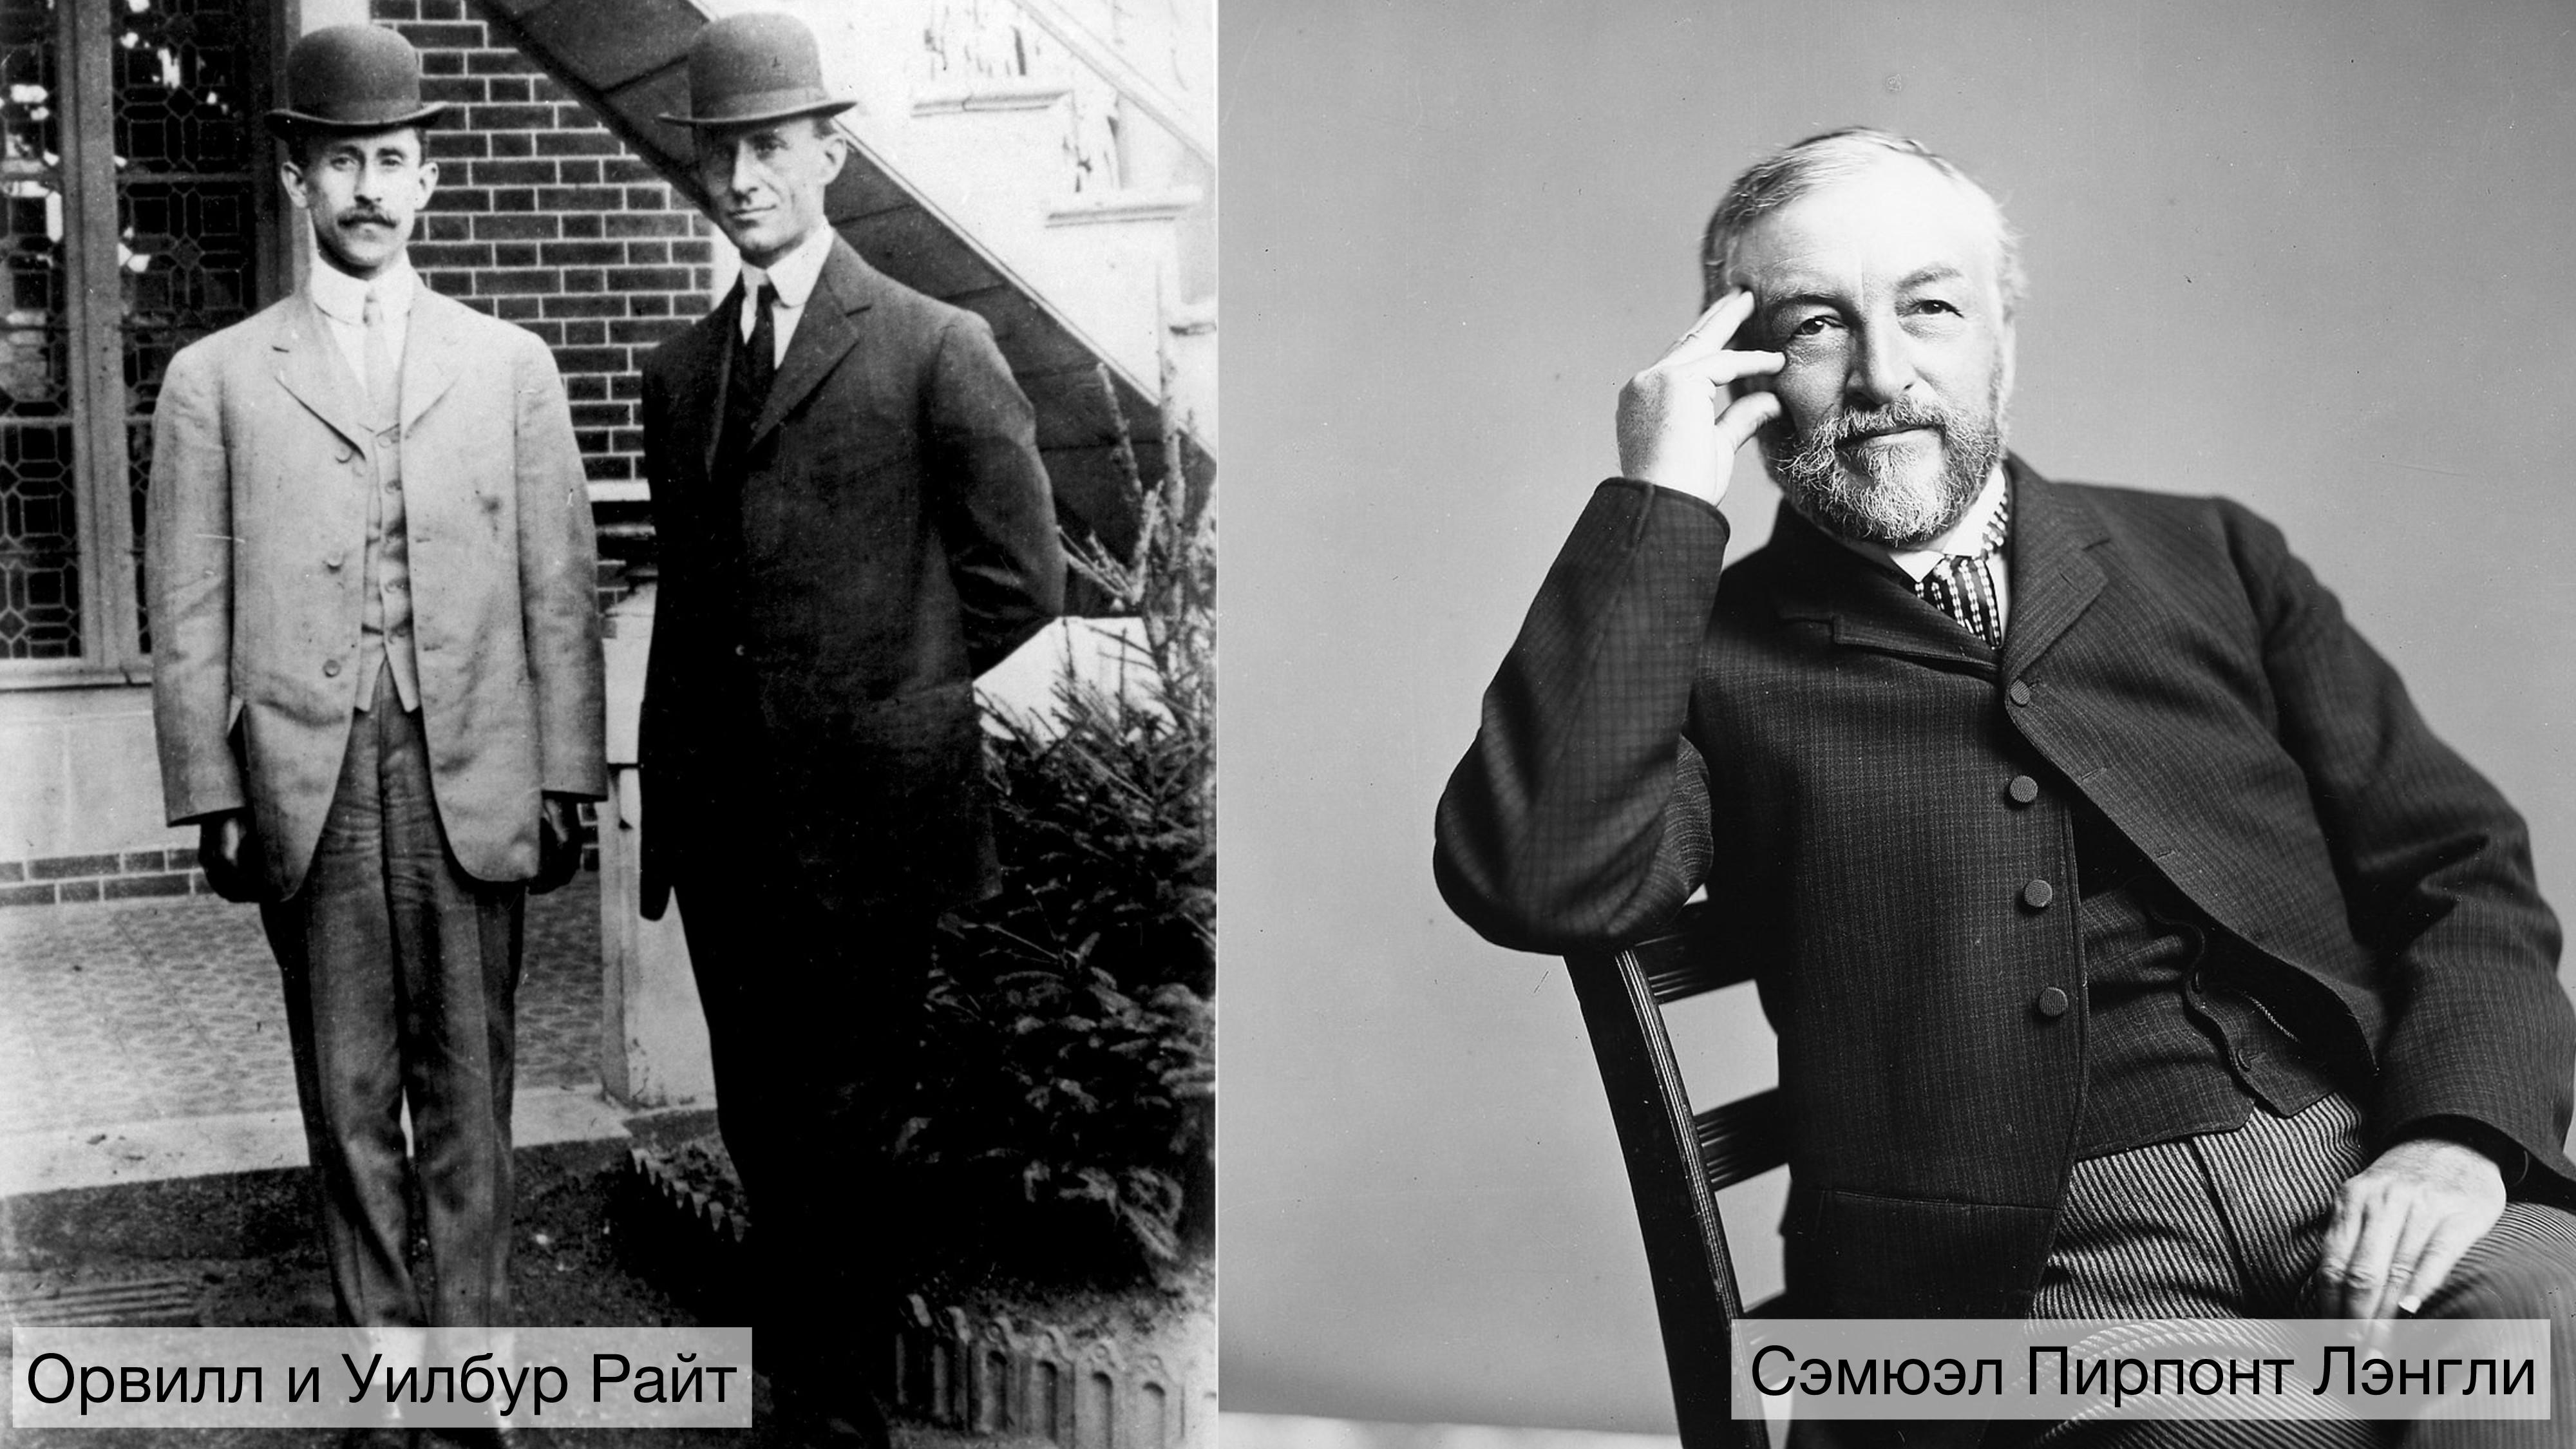 Орвилл и Уилбур Райт Сэмюэл Пирпонт Лэнгли